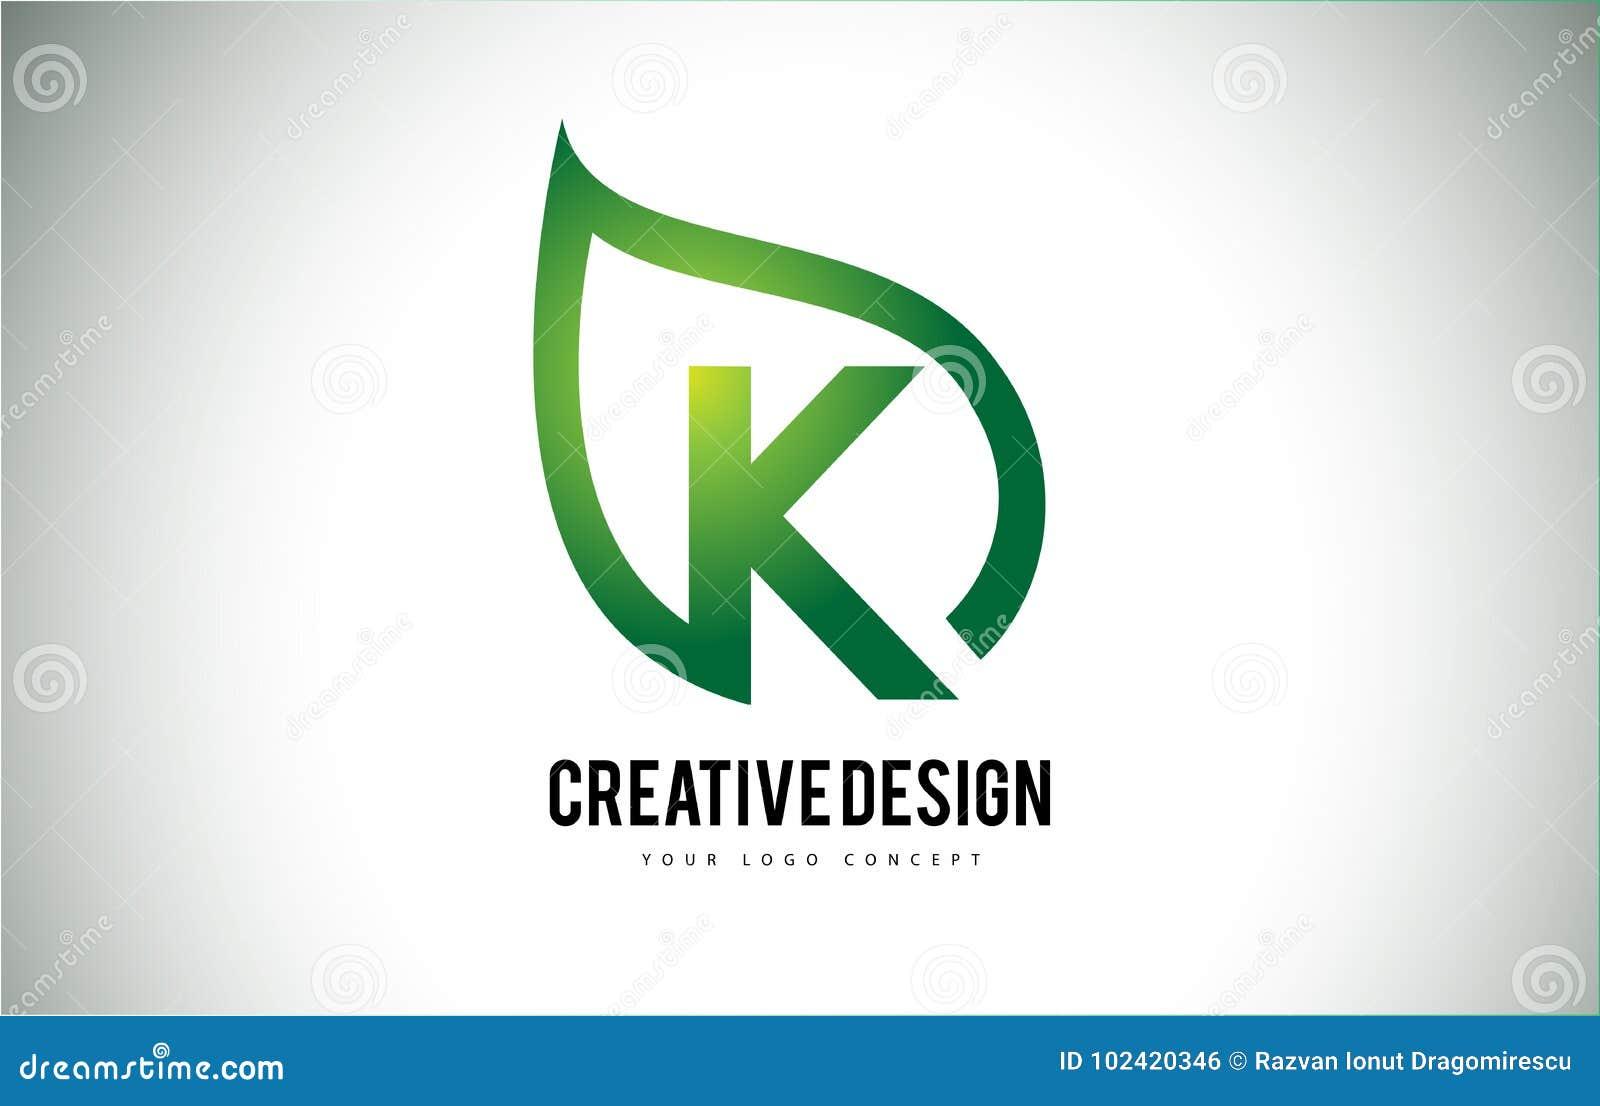 K Blatt Logo Letter Design Mit Grunem Blatt Entwurf Vektor